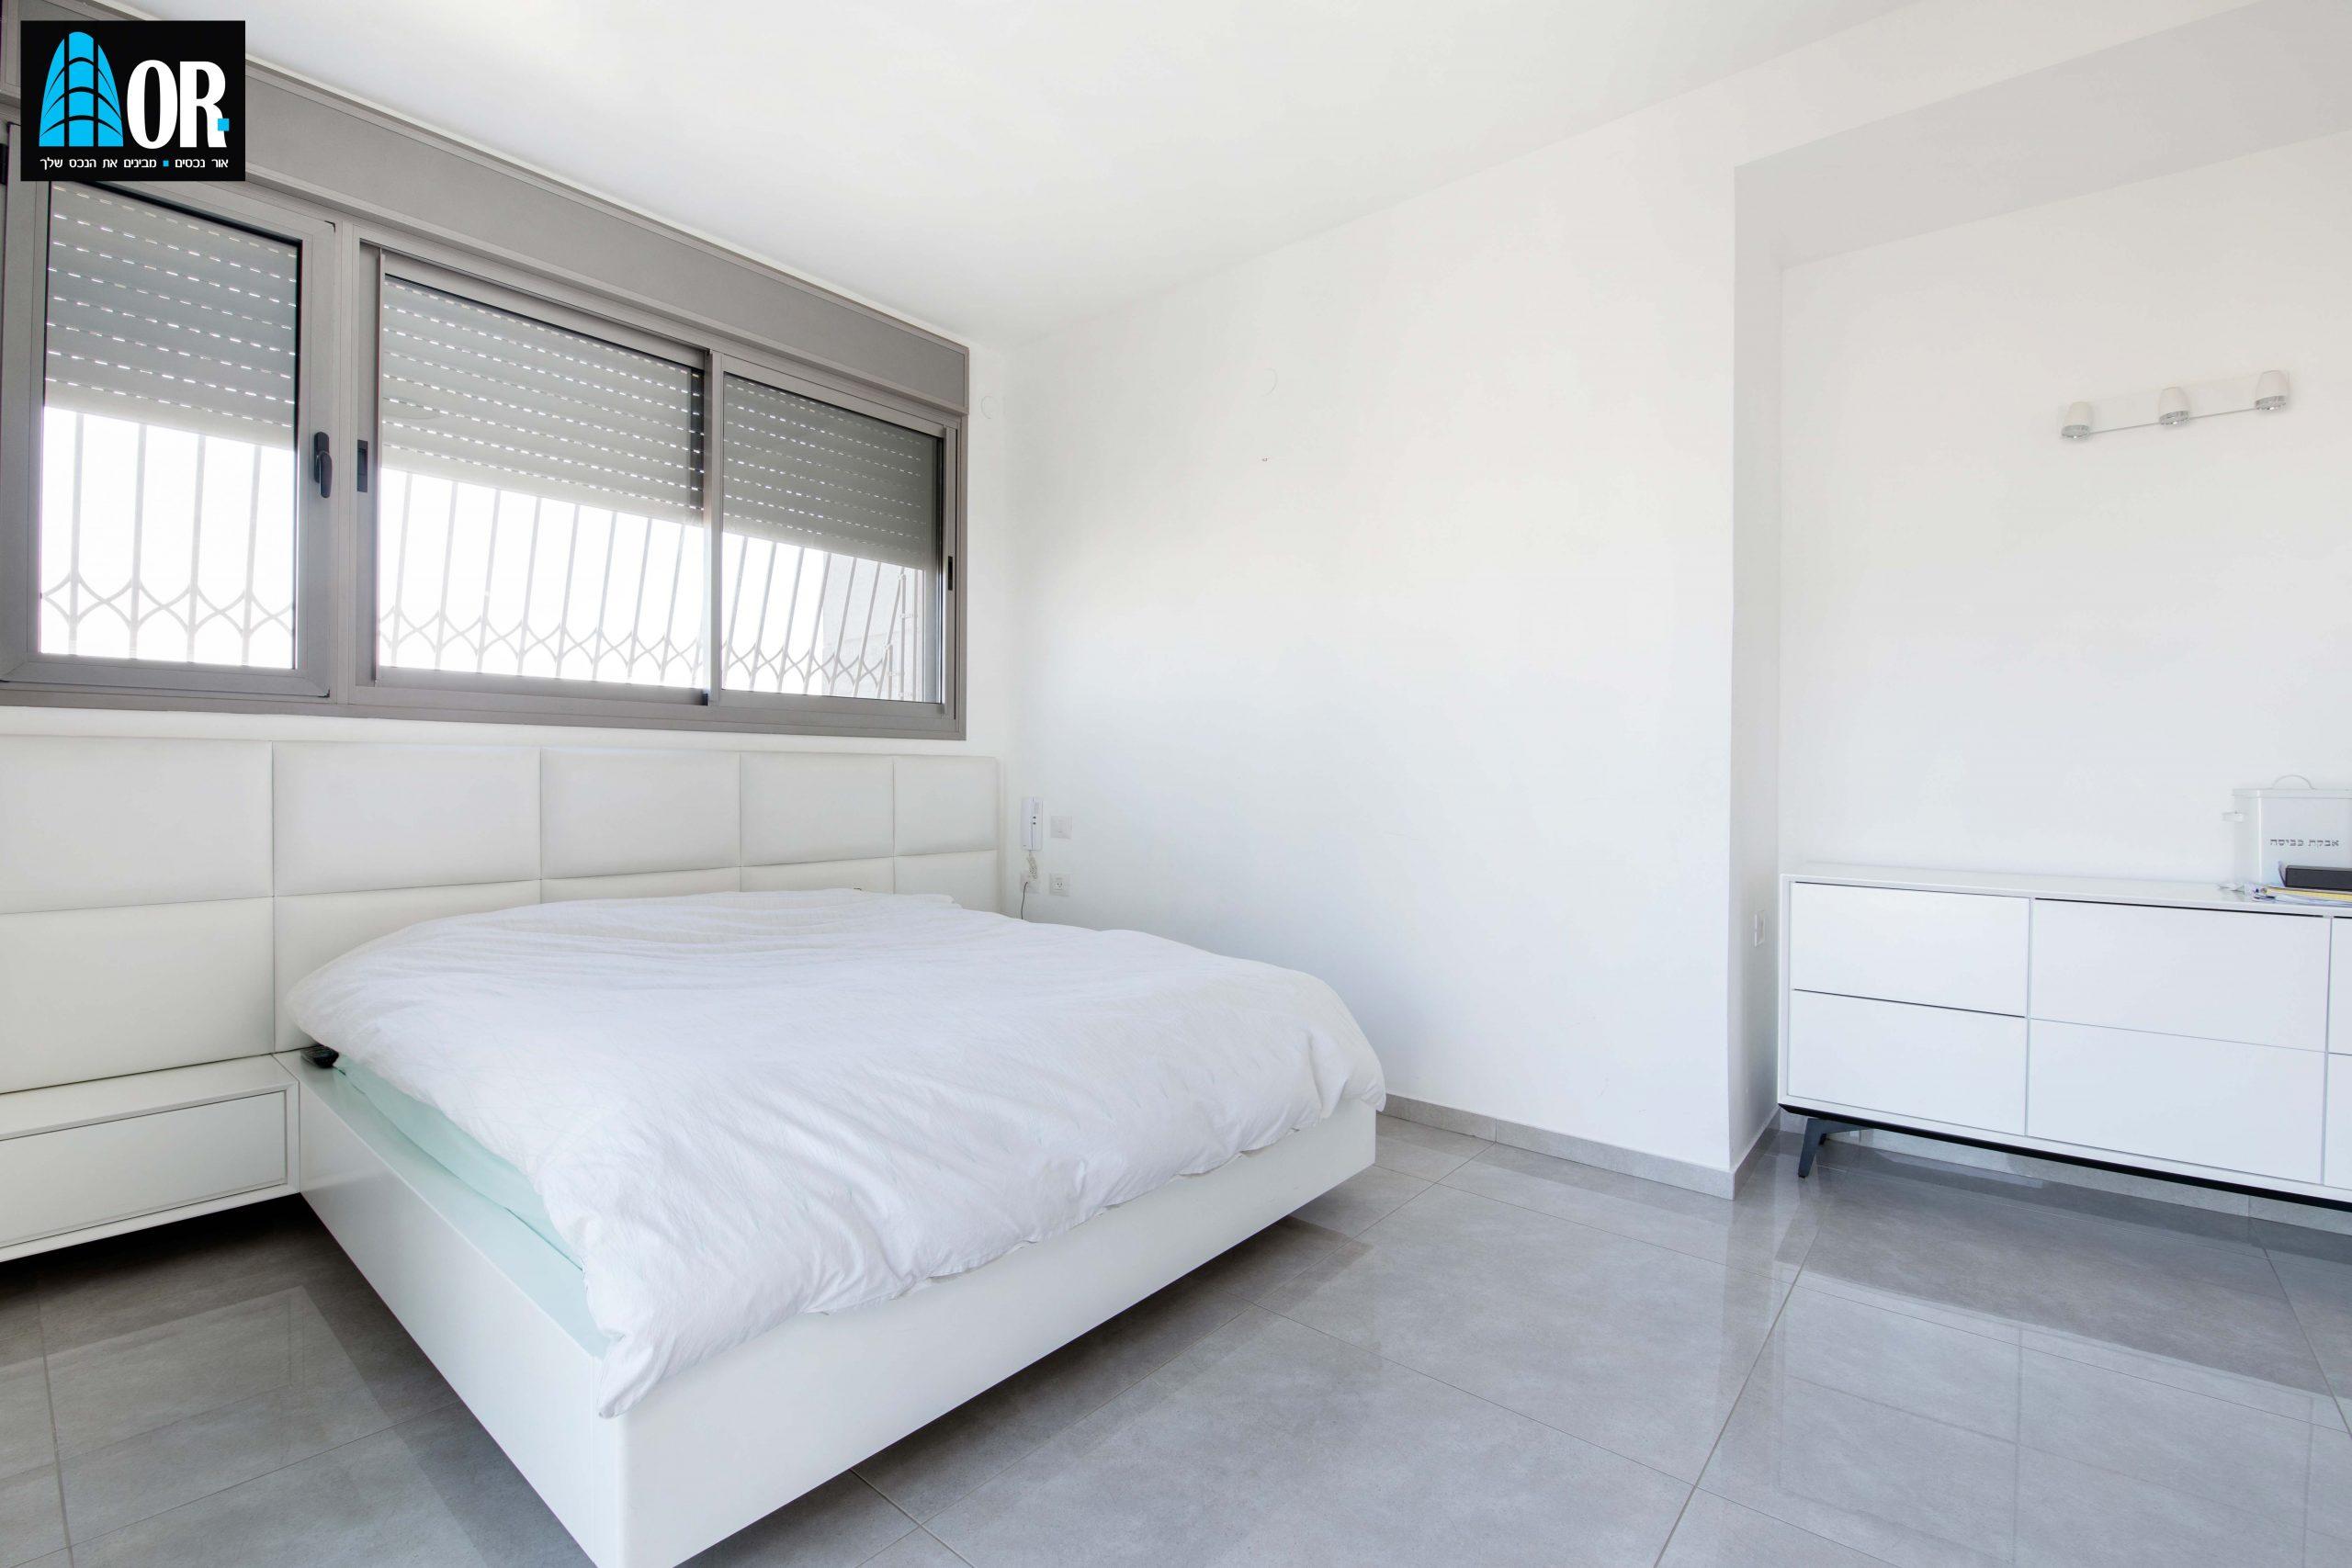 חדר שינה פנטהאוז 6 חדרים שכונה צמרות